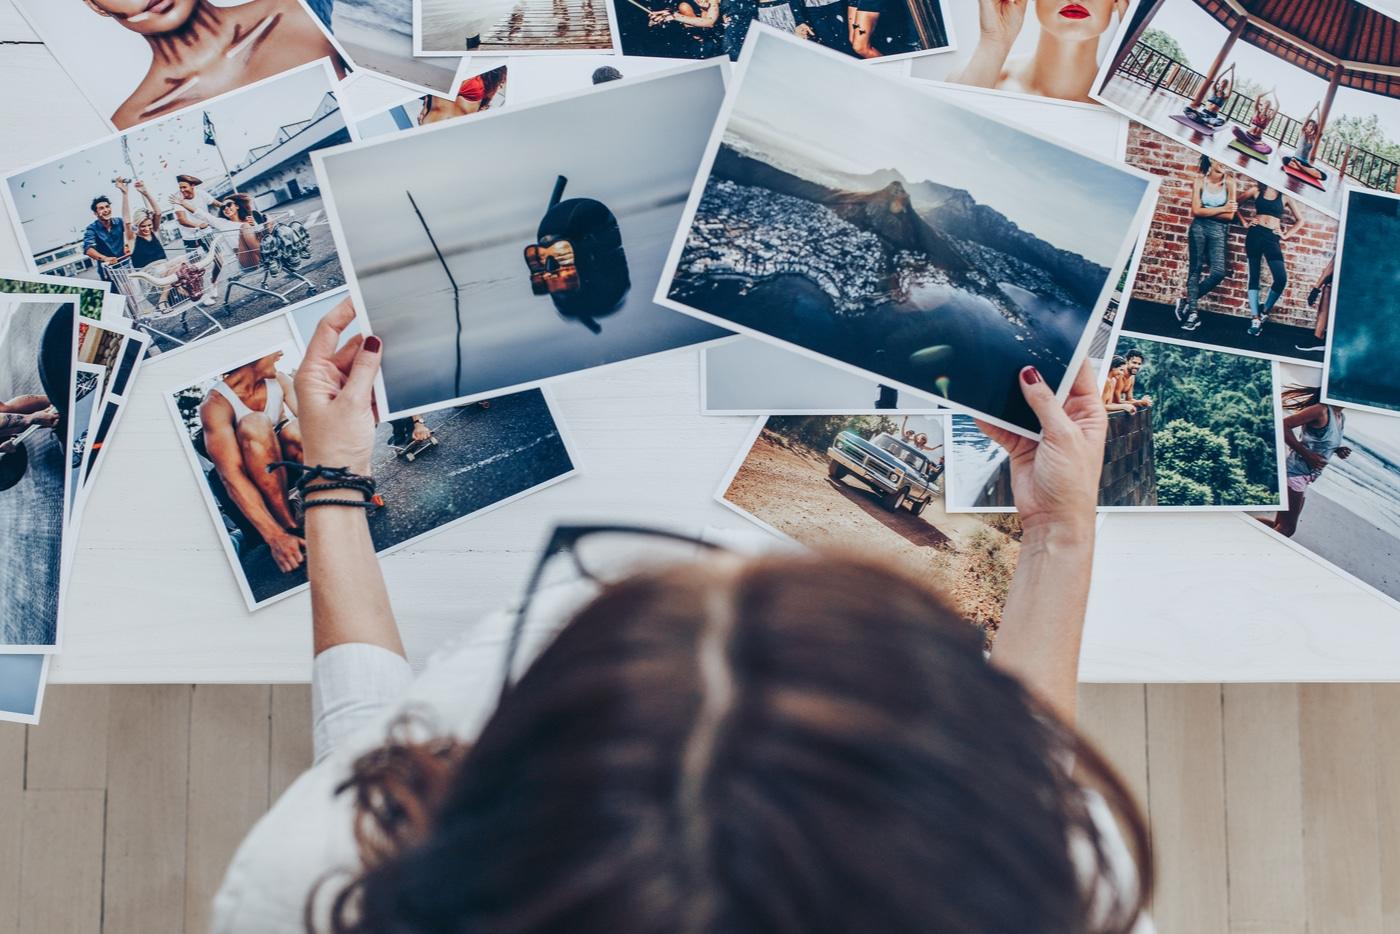 Parasta yrittäjyydessä on intohimo. Nainen katselee valokuvia.